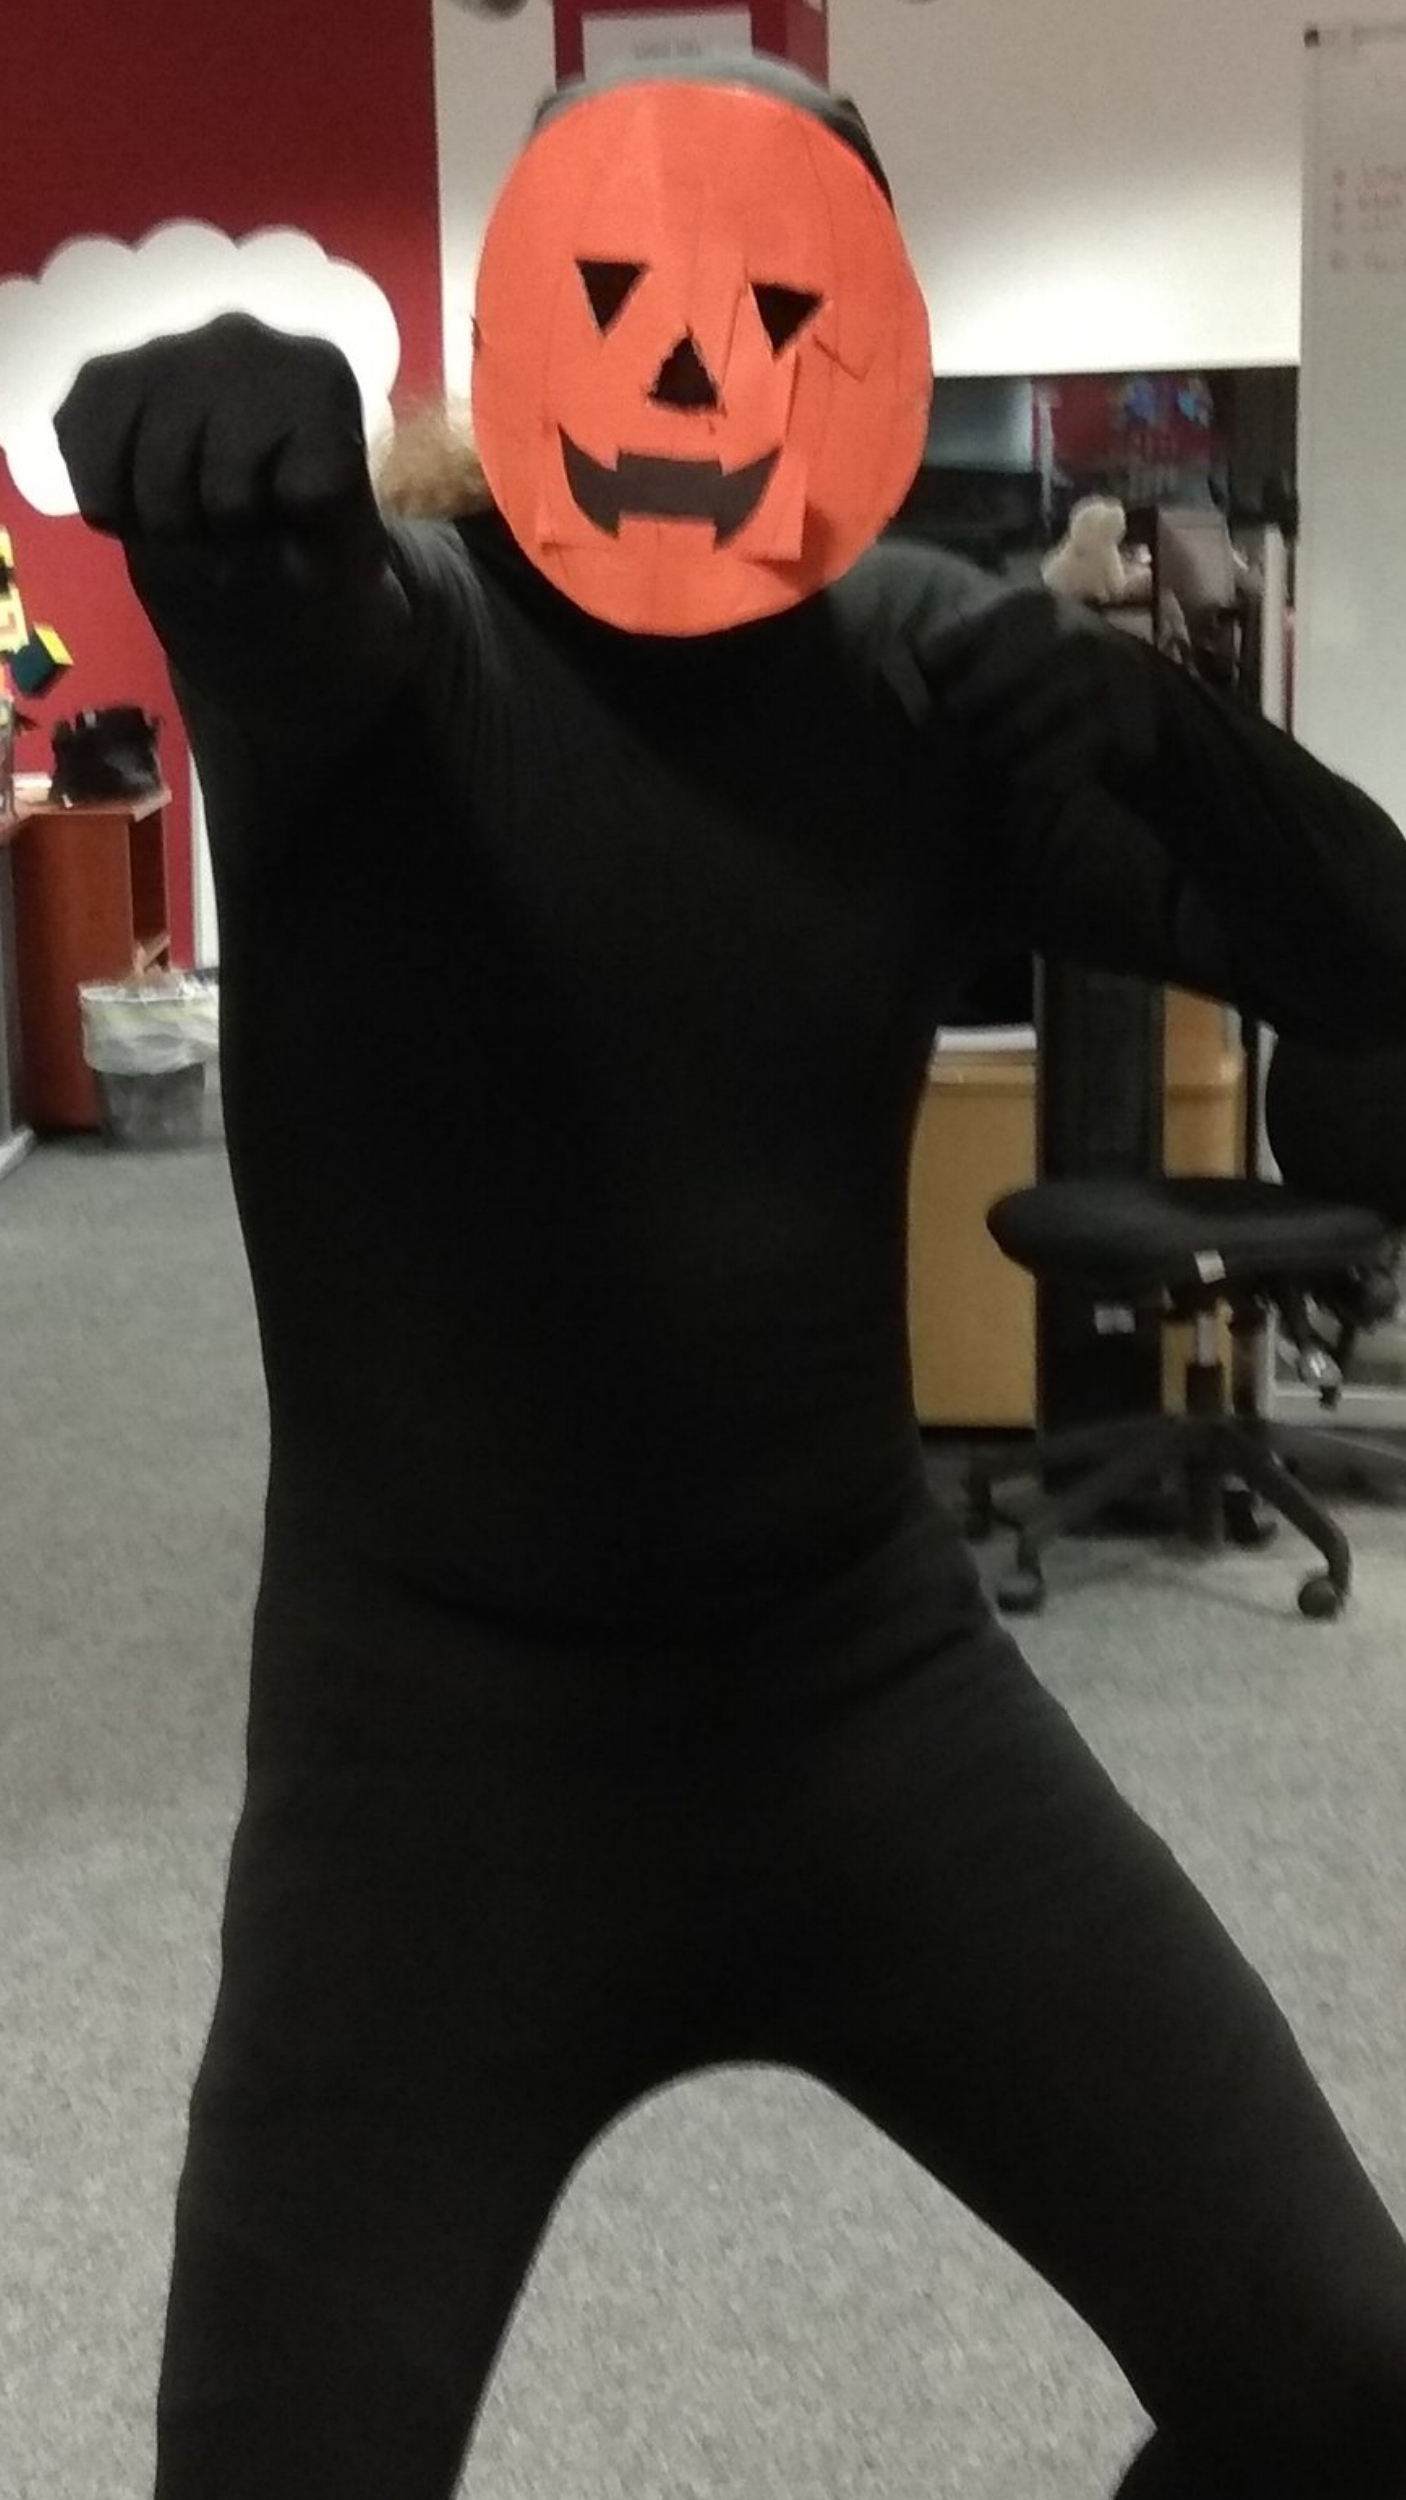 Spooky Scary Skeletons Pumpkin Man